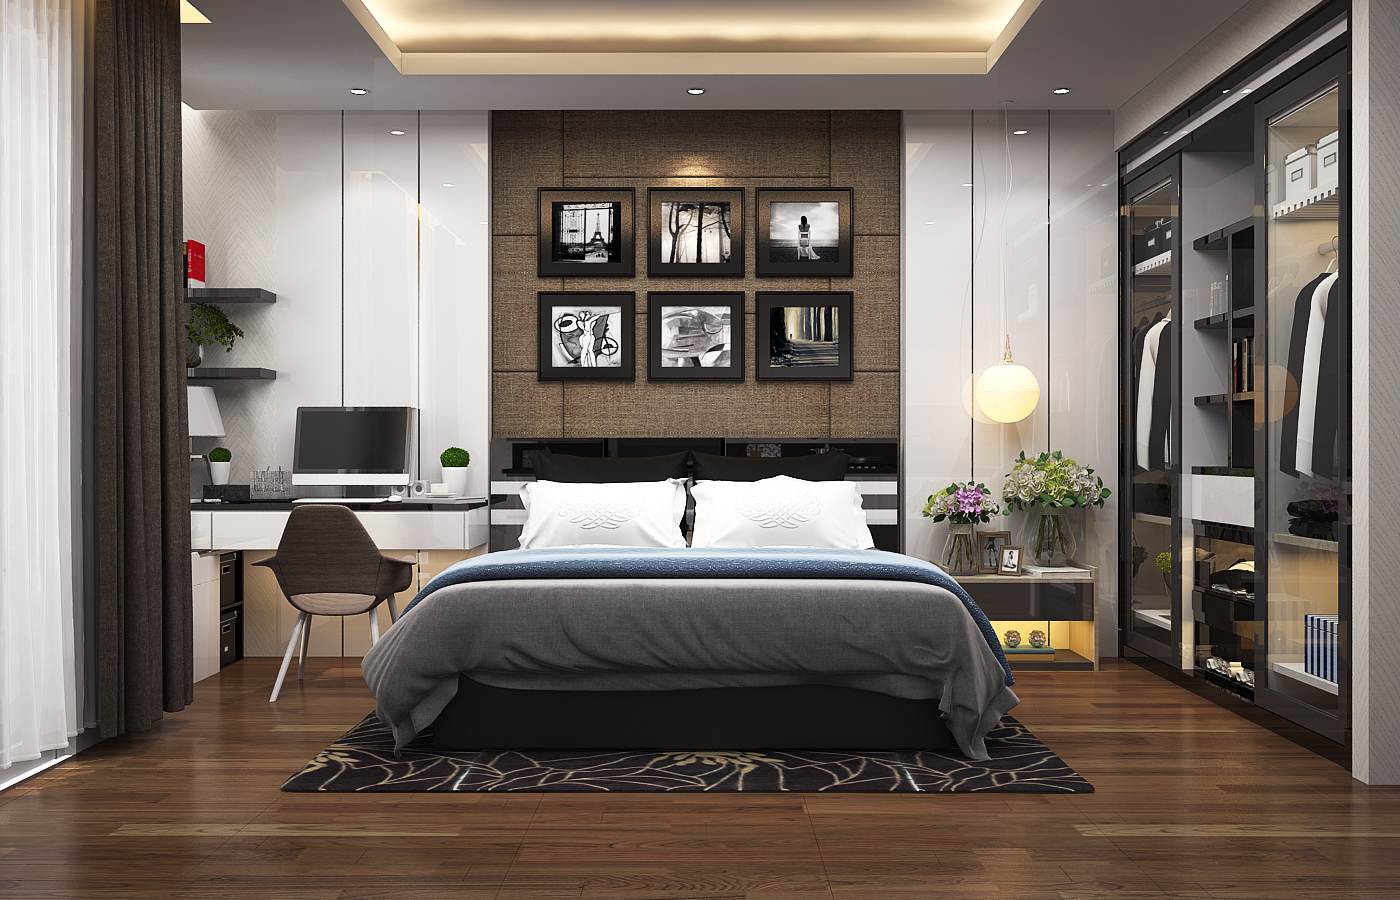 NGU SO 3 3 Dấu ấn thiết kế nội thất khách sạn sang trọng độc đáo nhất   NTKS020814A